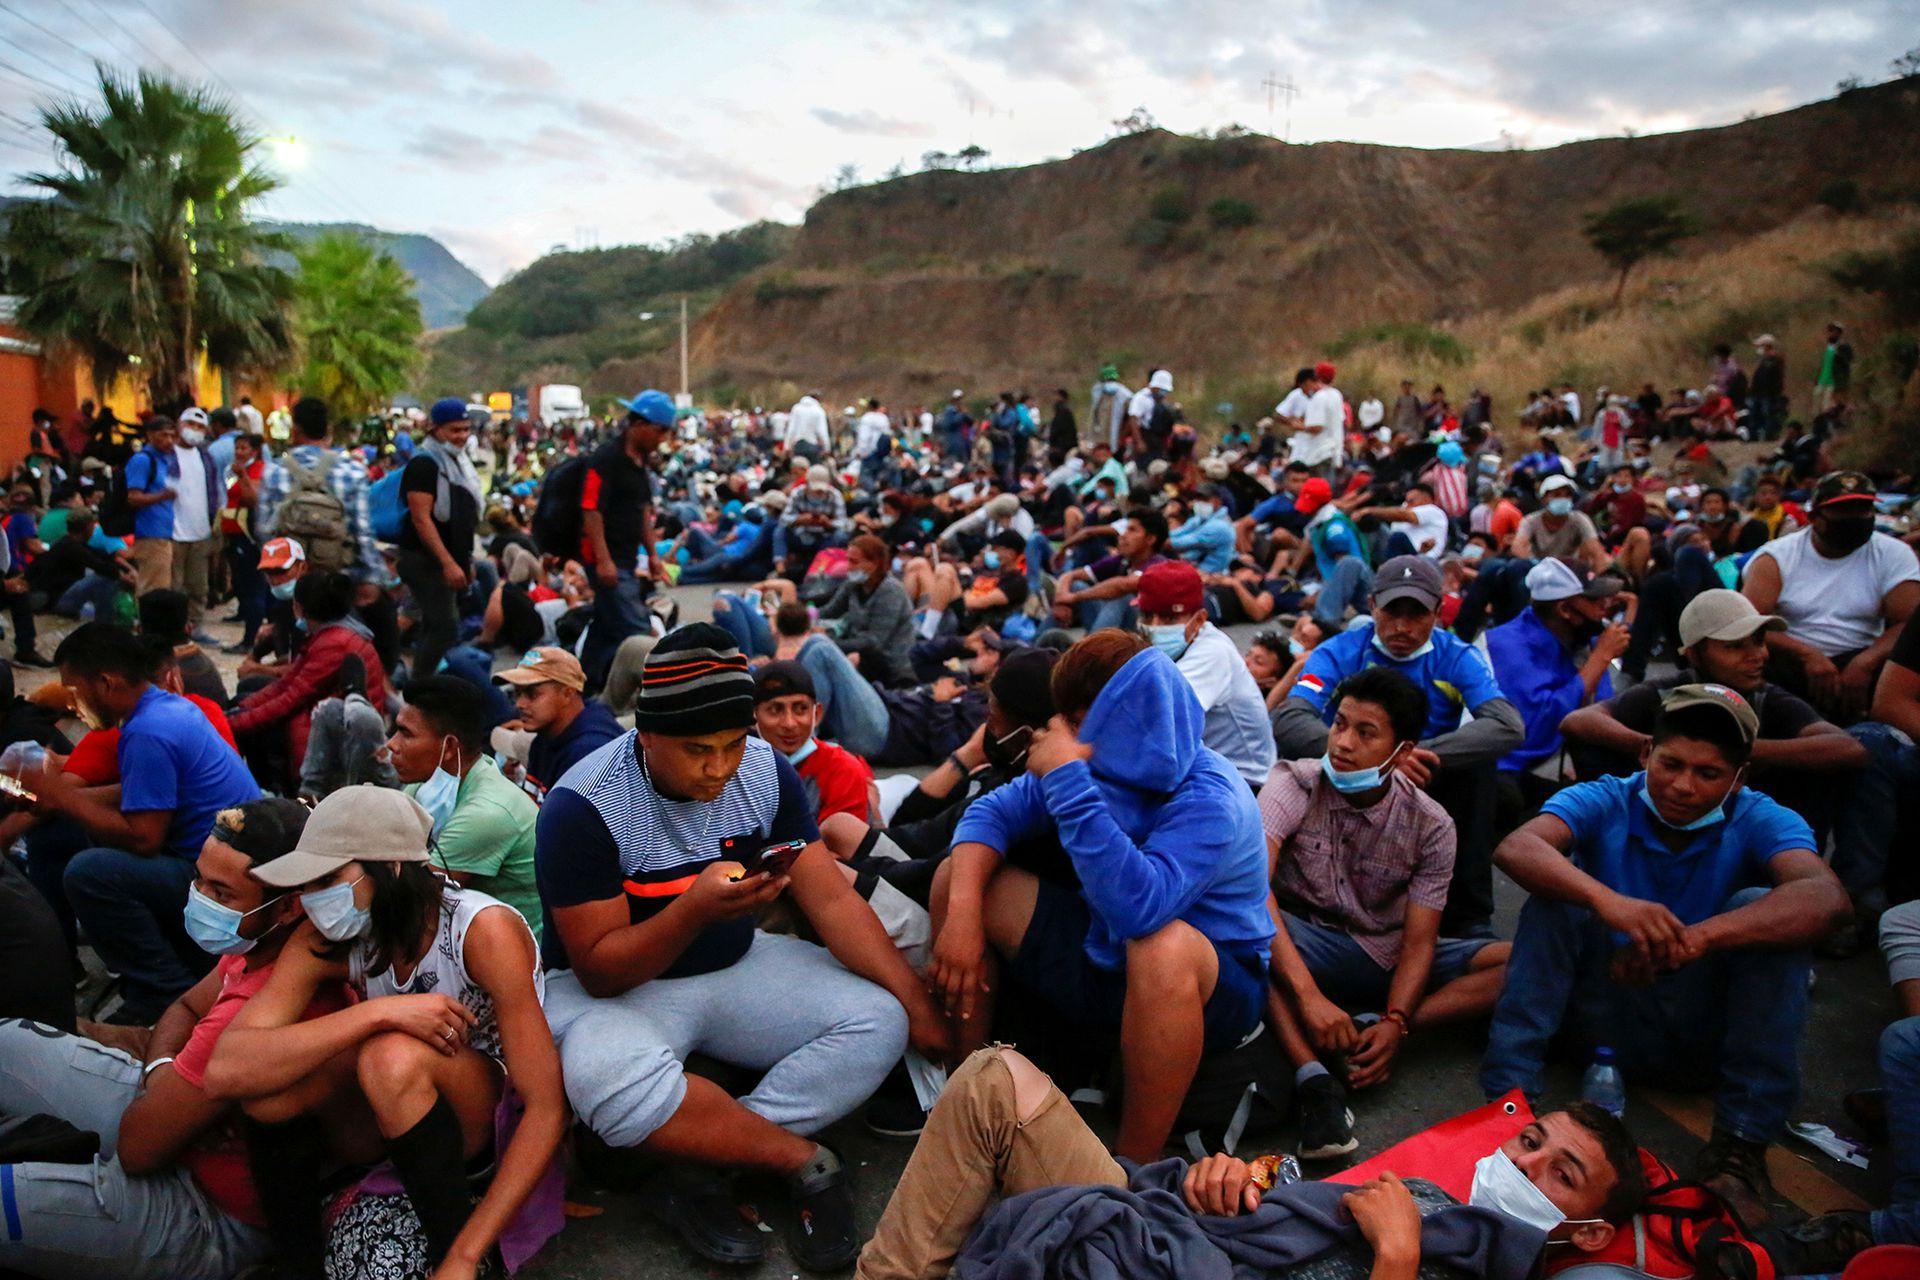 Hondureños que participan en una nueva caravana de migrantes rumbo a Estados Unidos descansan en una carretera, en Vado Hondo, Guatemala